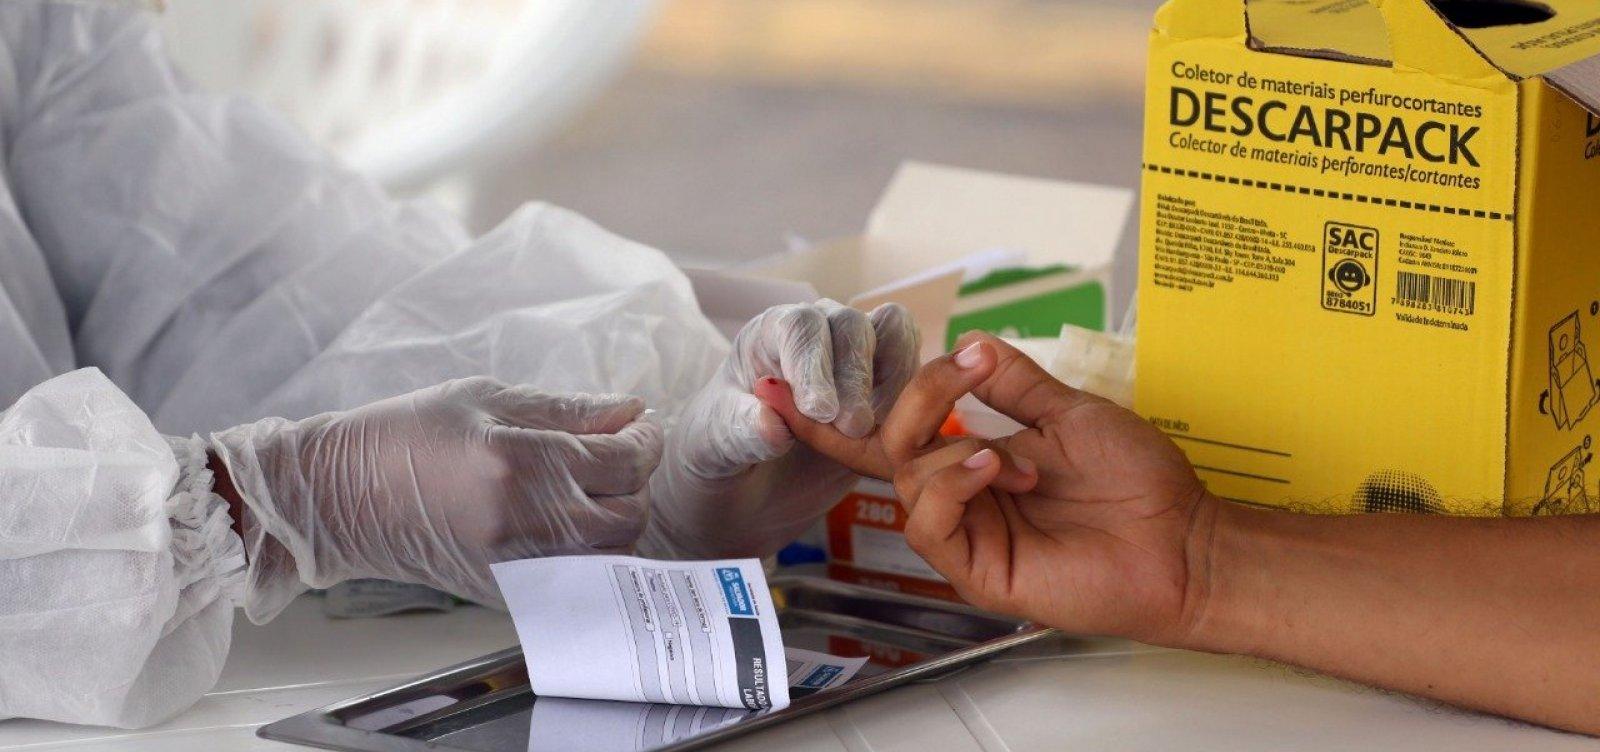 Bahia registra 5.253 novos casos de Covid e 84 mortes em 24 horas